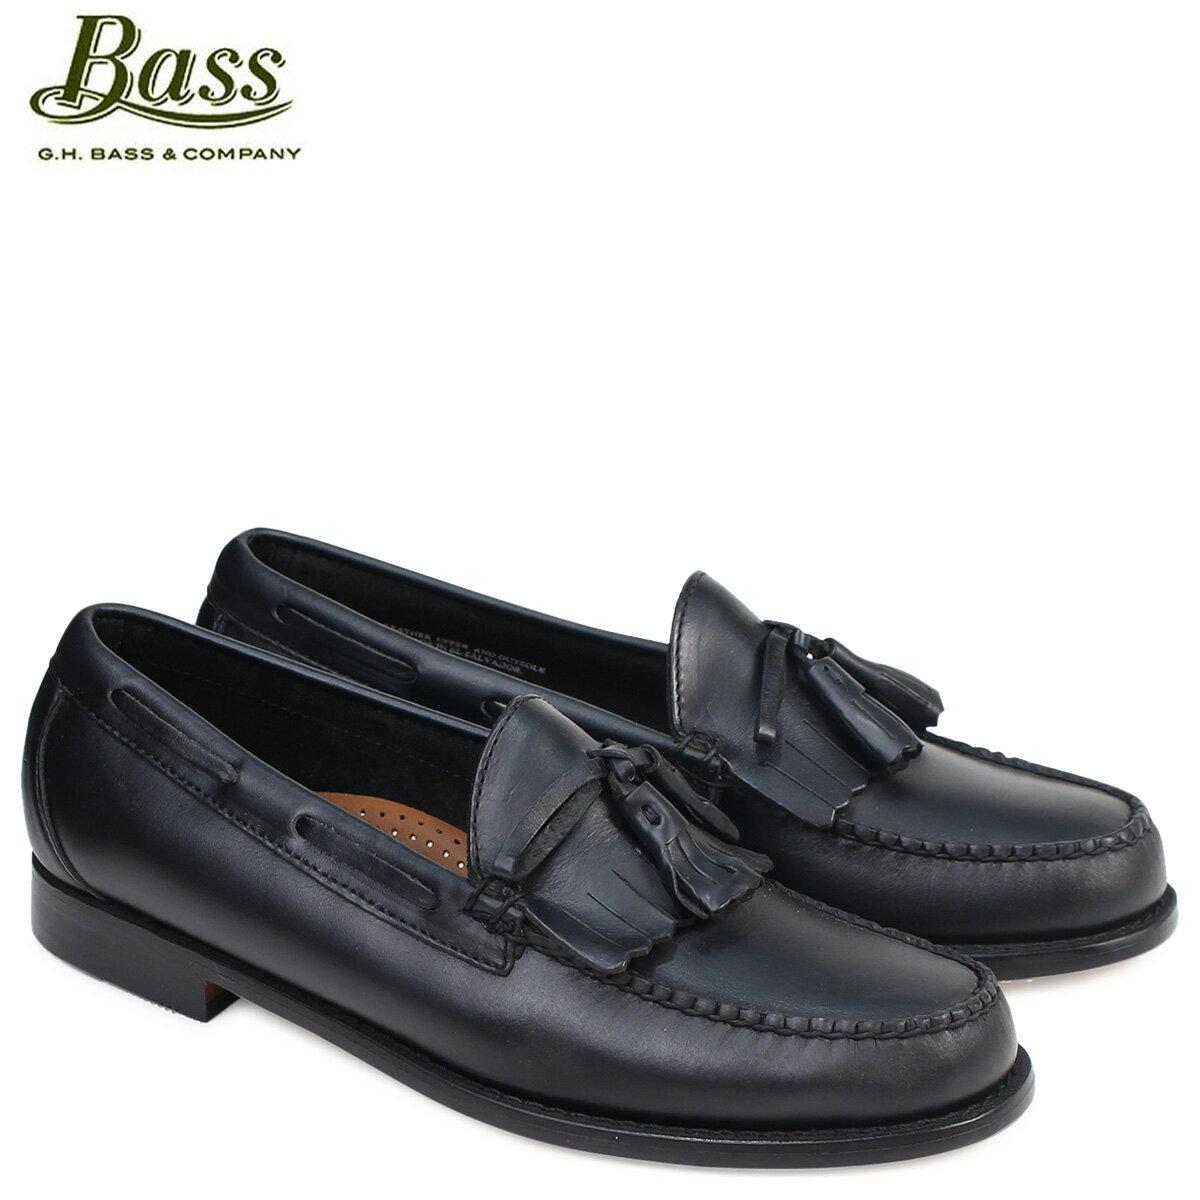 G.H. BASS LAWRENCE KILTIE WEEJUNS 70-80914 ジーエイチバス ローファー メンズ ペニー タッセル 靴 ブラック